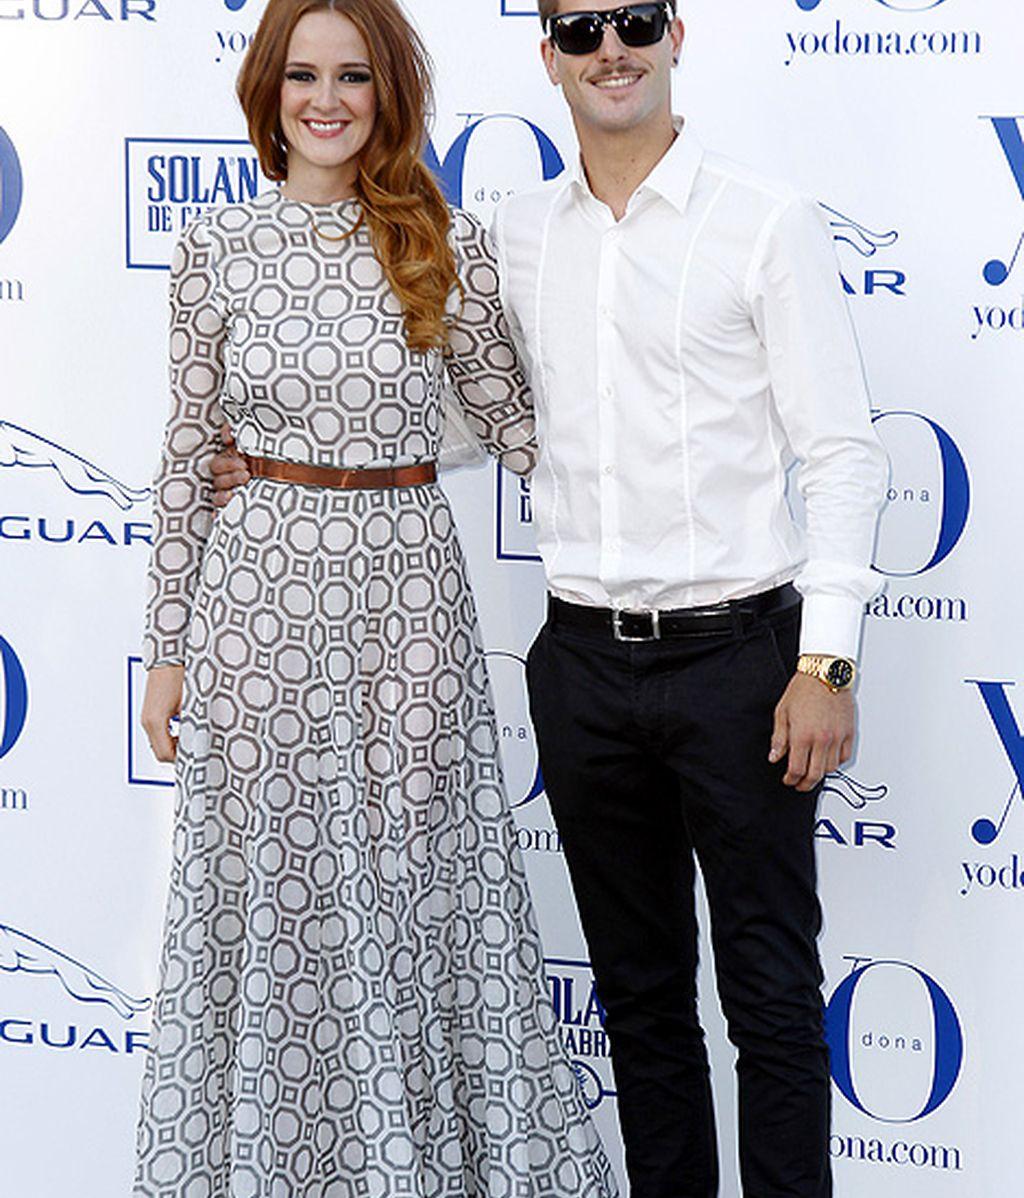 Ana Polvorosa y Luis Fernández, juntos y enamorados en la noche madrileña